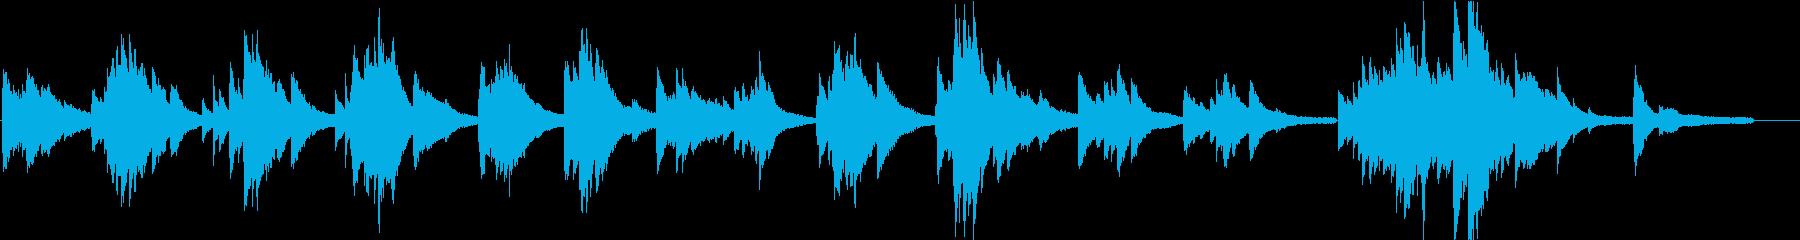 BGM11 感傷に浸るようなピアノソロの再生済みの波形